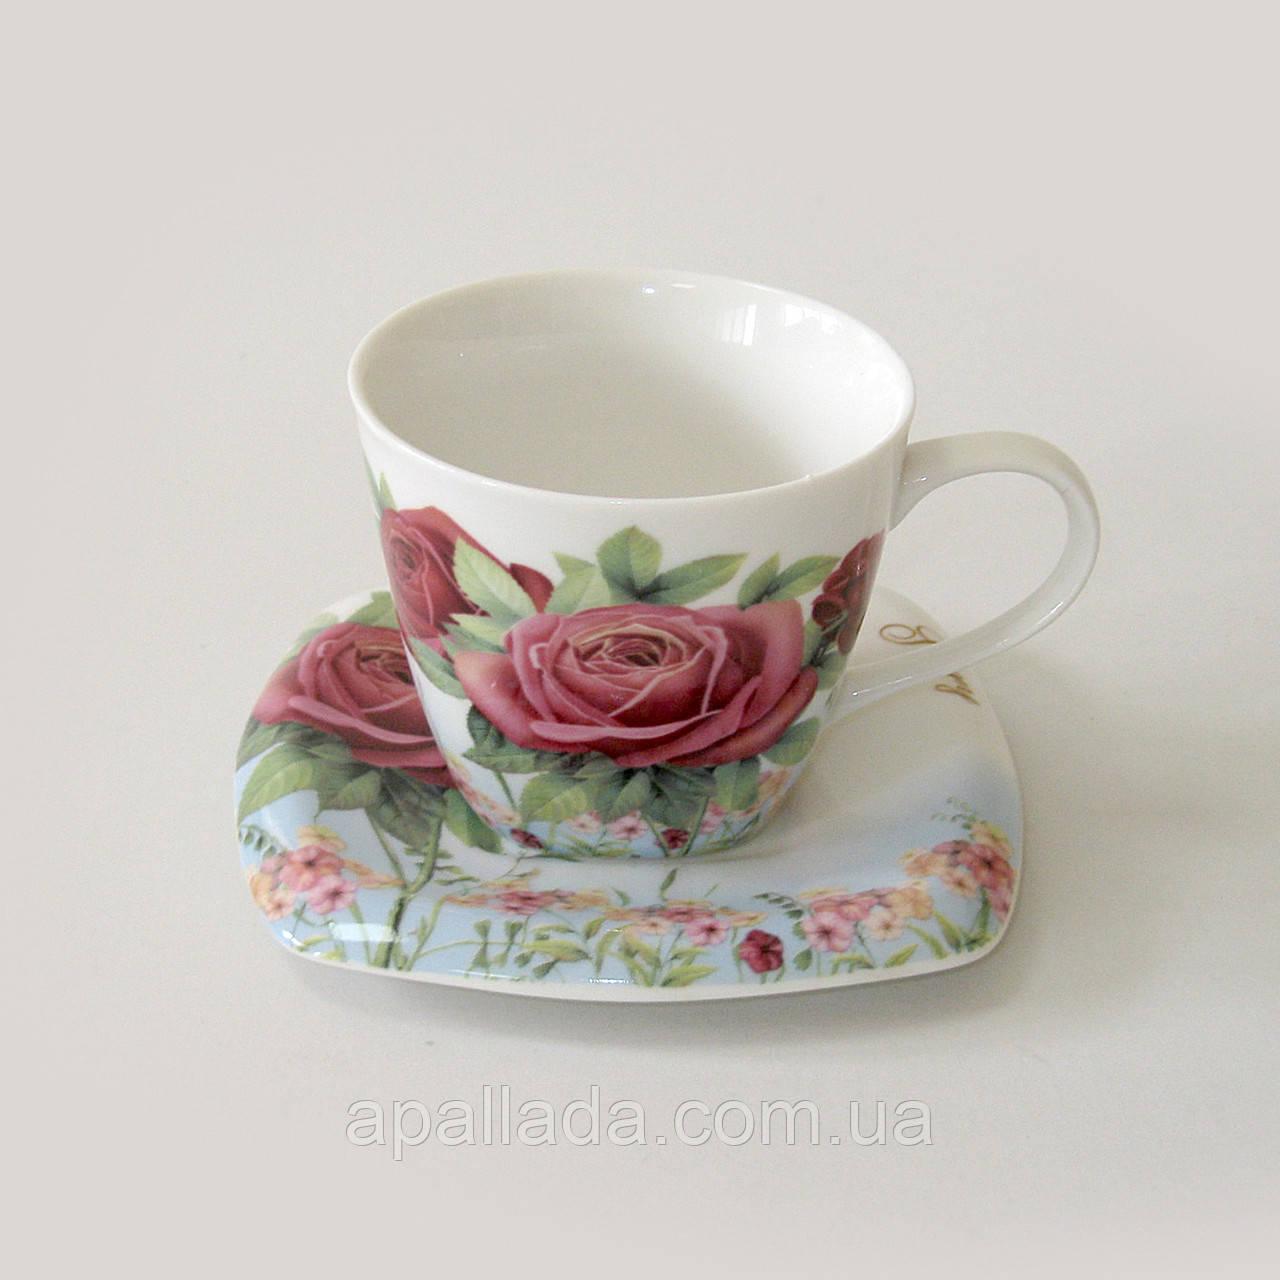 Чашка с блюдцем с розой